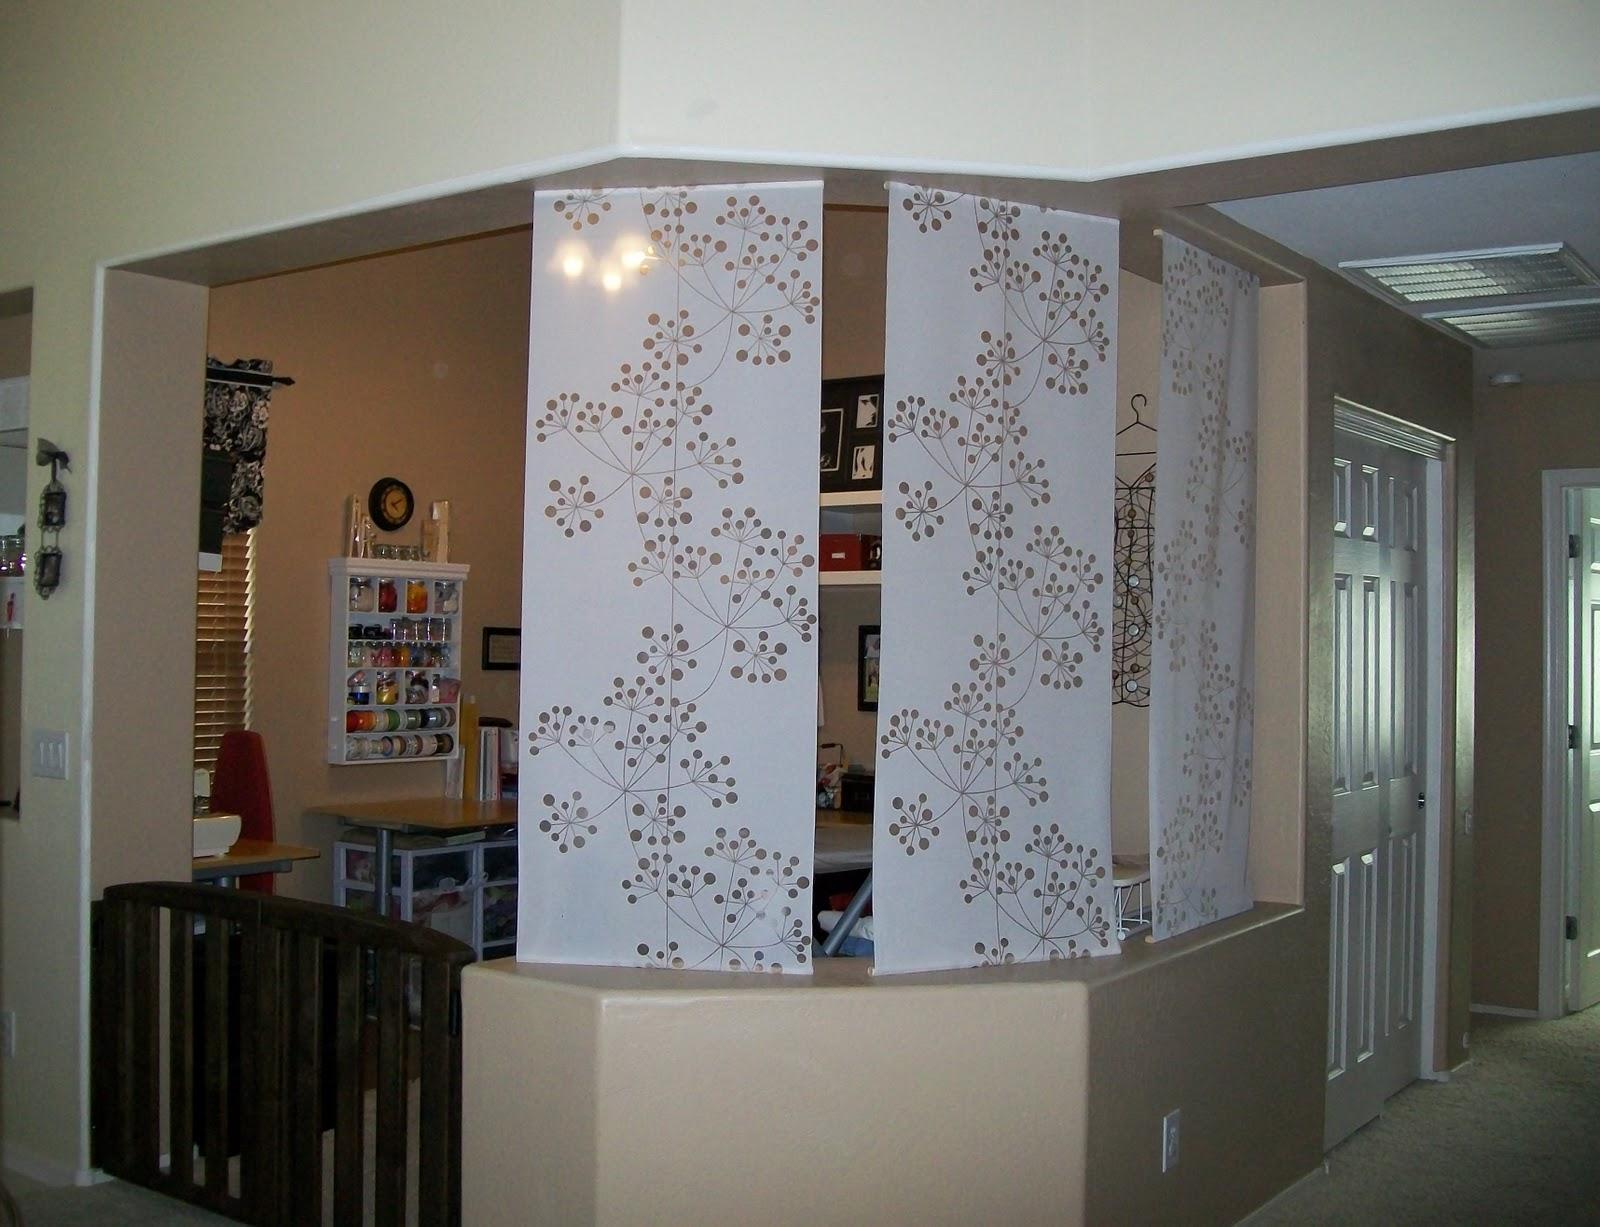 Attire alterations custom sewing room divider panels - Room divider curtain ideas ...